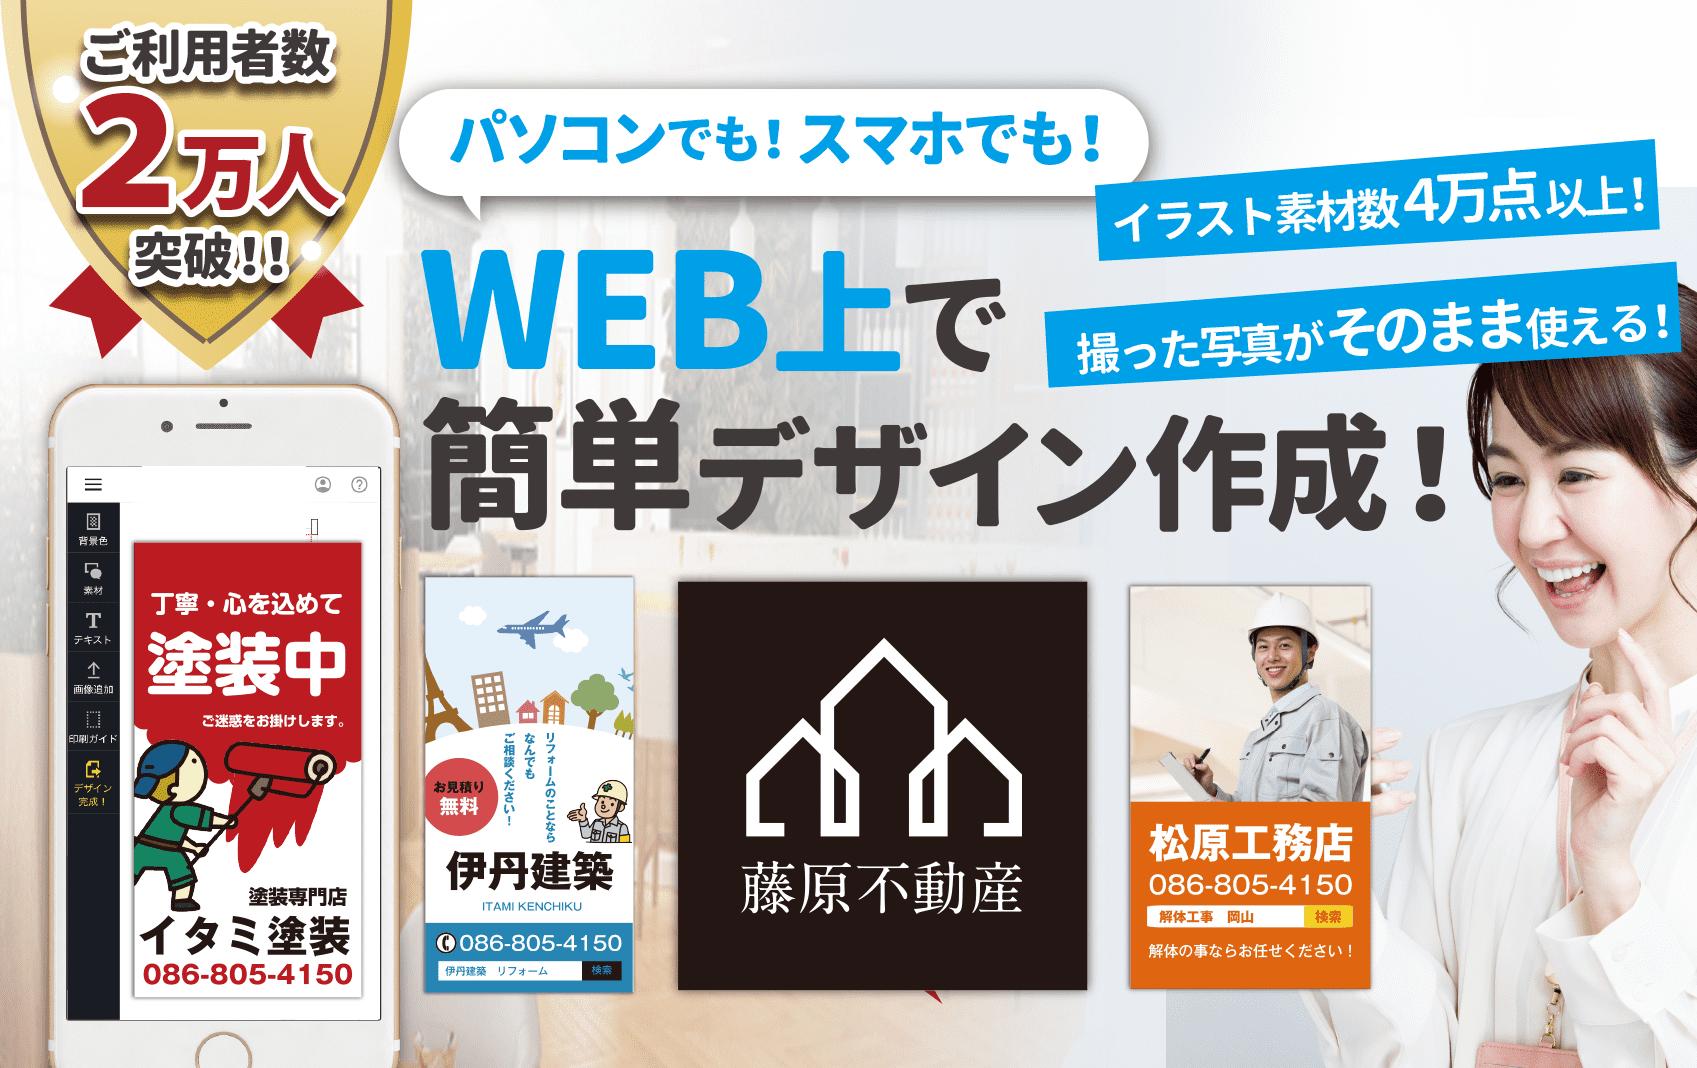 WEB上で簡単デザイン制作